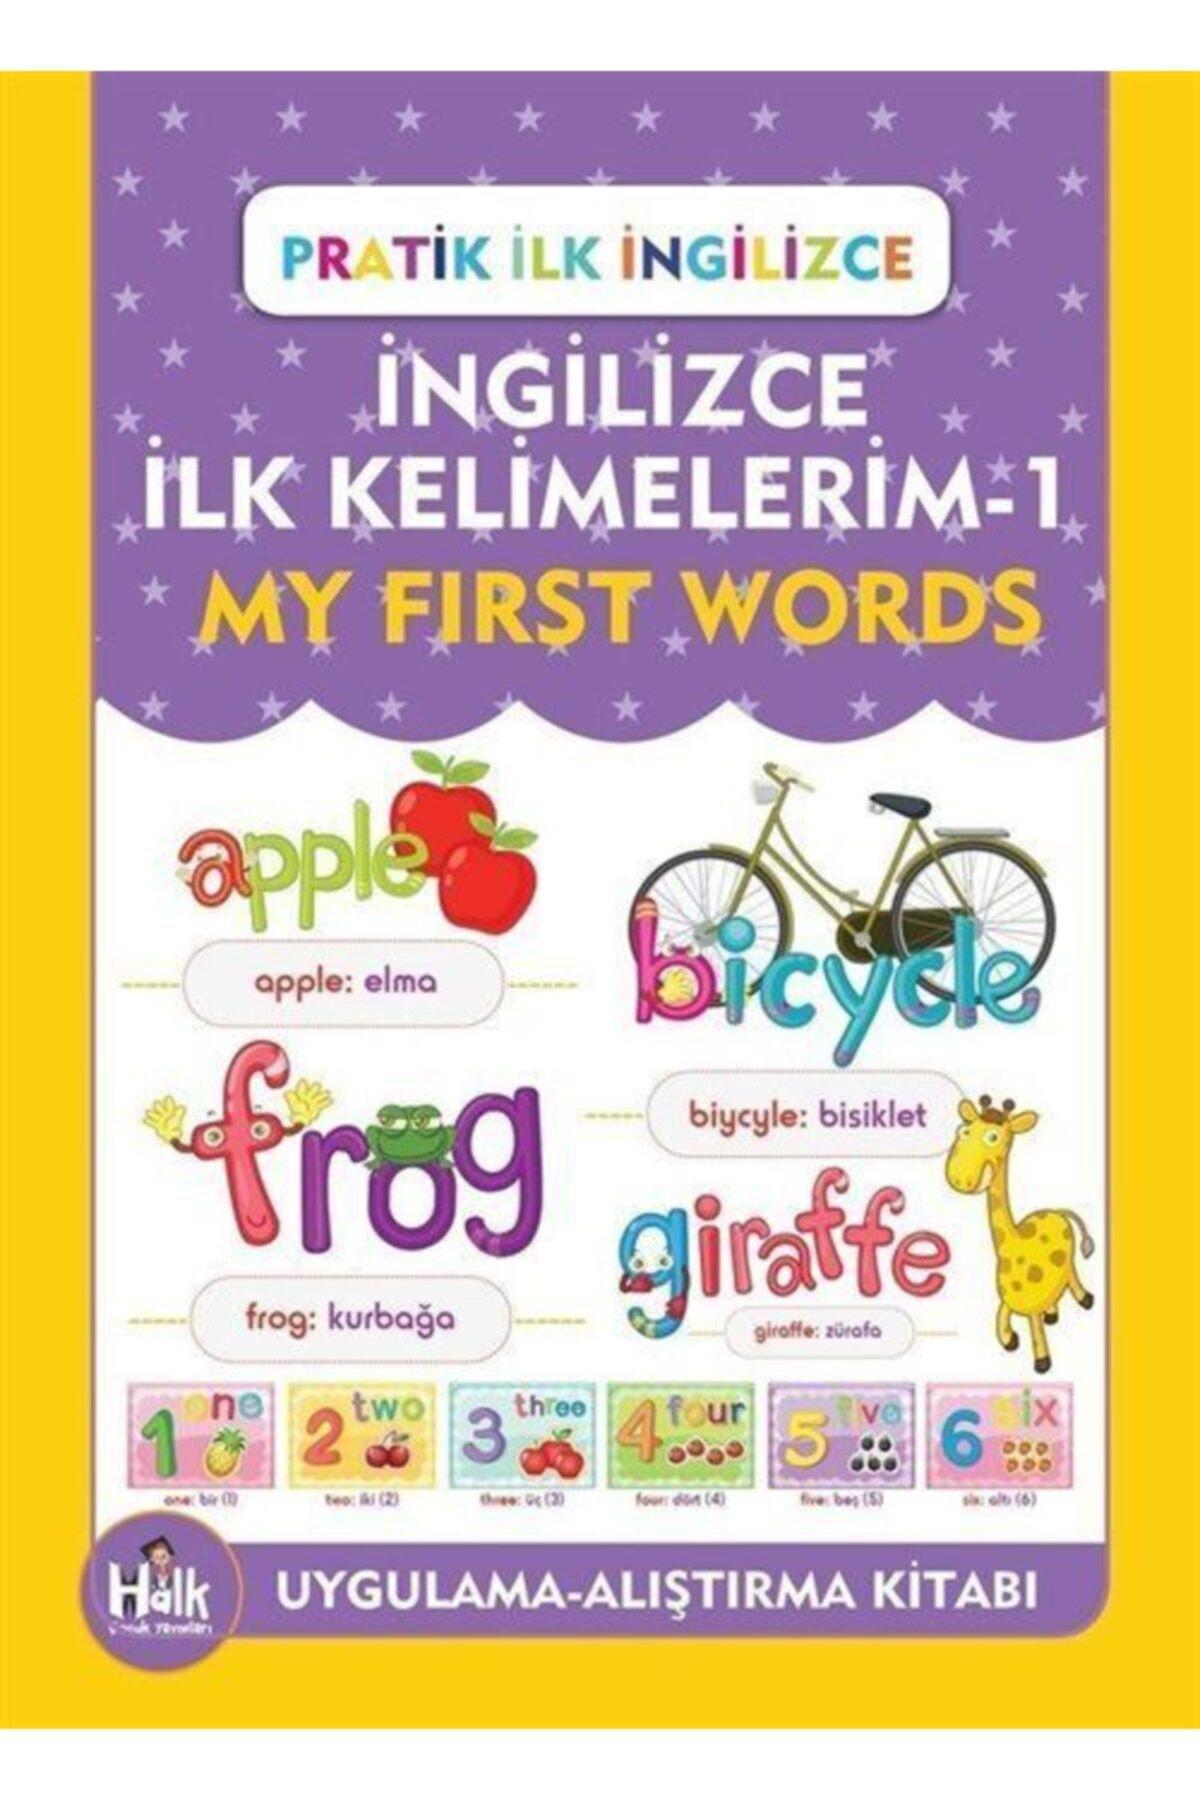 Halk Kitabevi A'dan Z'ye Ingilizce Ilk Kelimelerim - 1 & Pratik Ilk Ingilizce 1